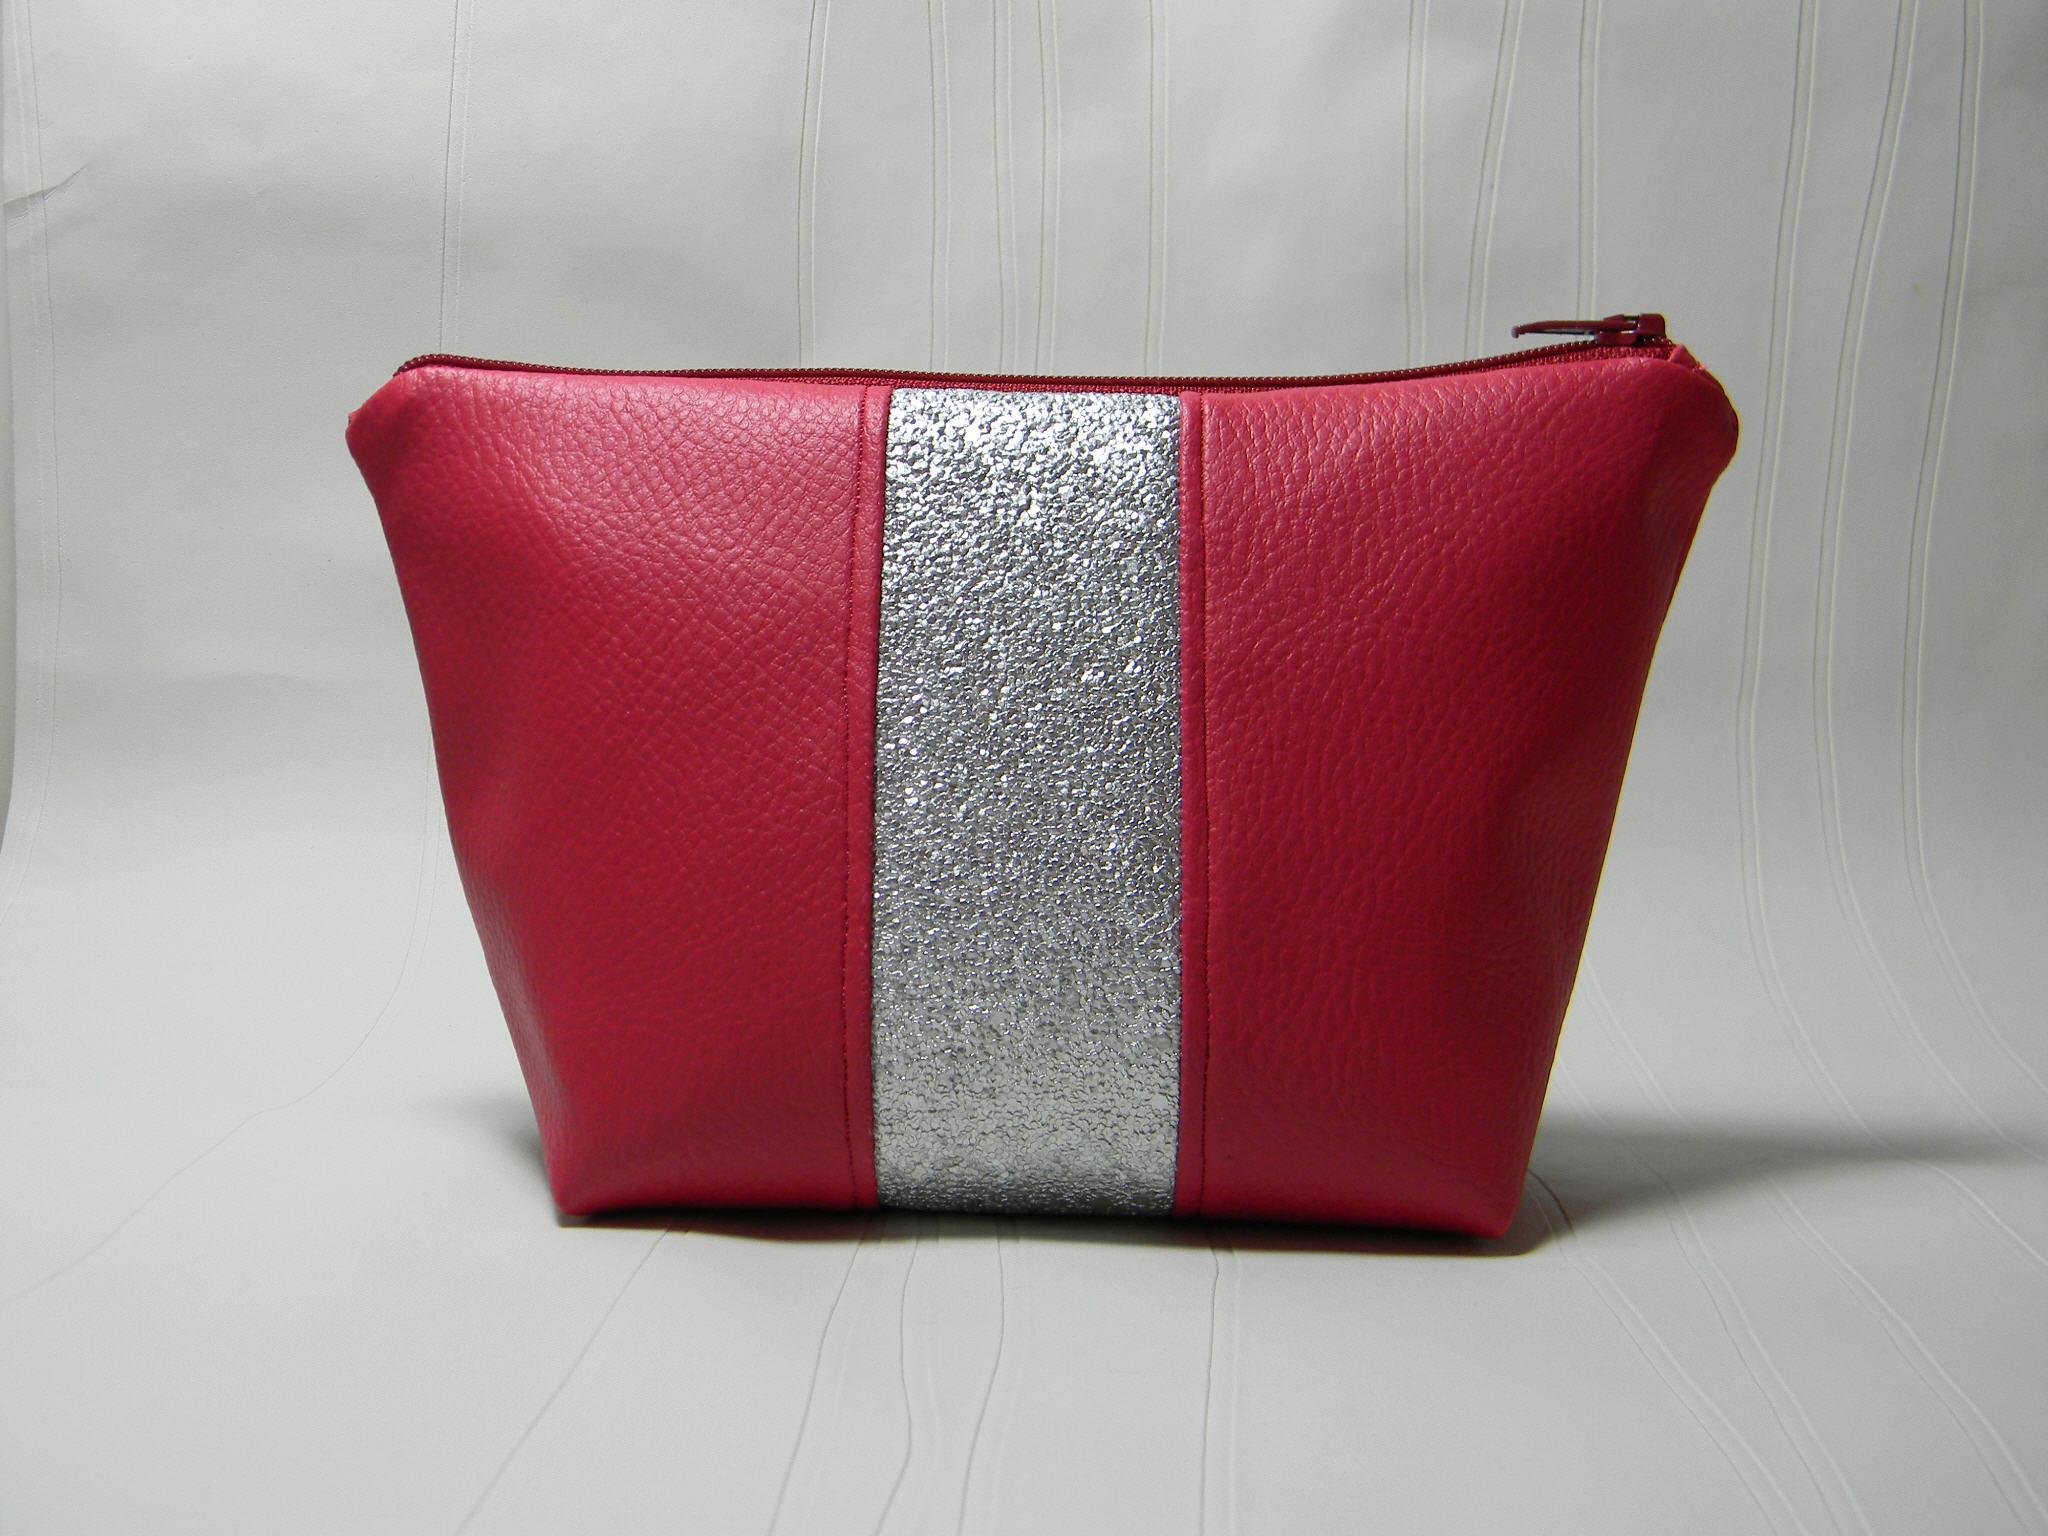 Trousse trap ze bande paillet e en simili cuir pop couture for Trousse de couture en cuir